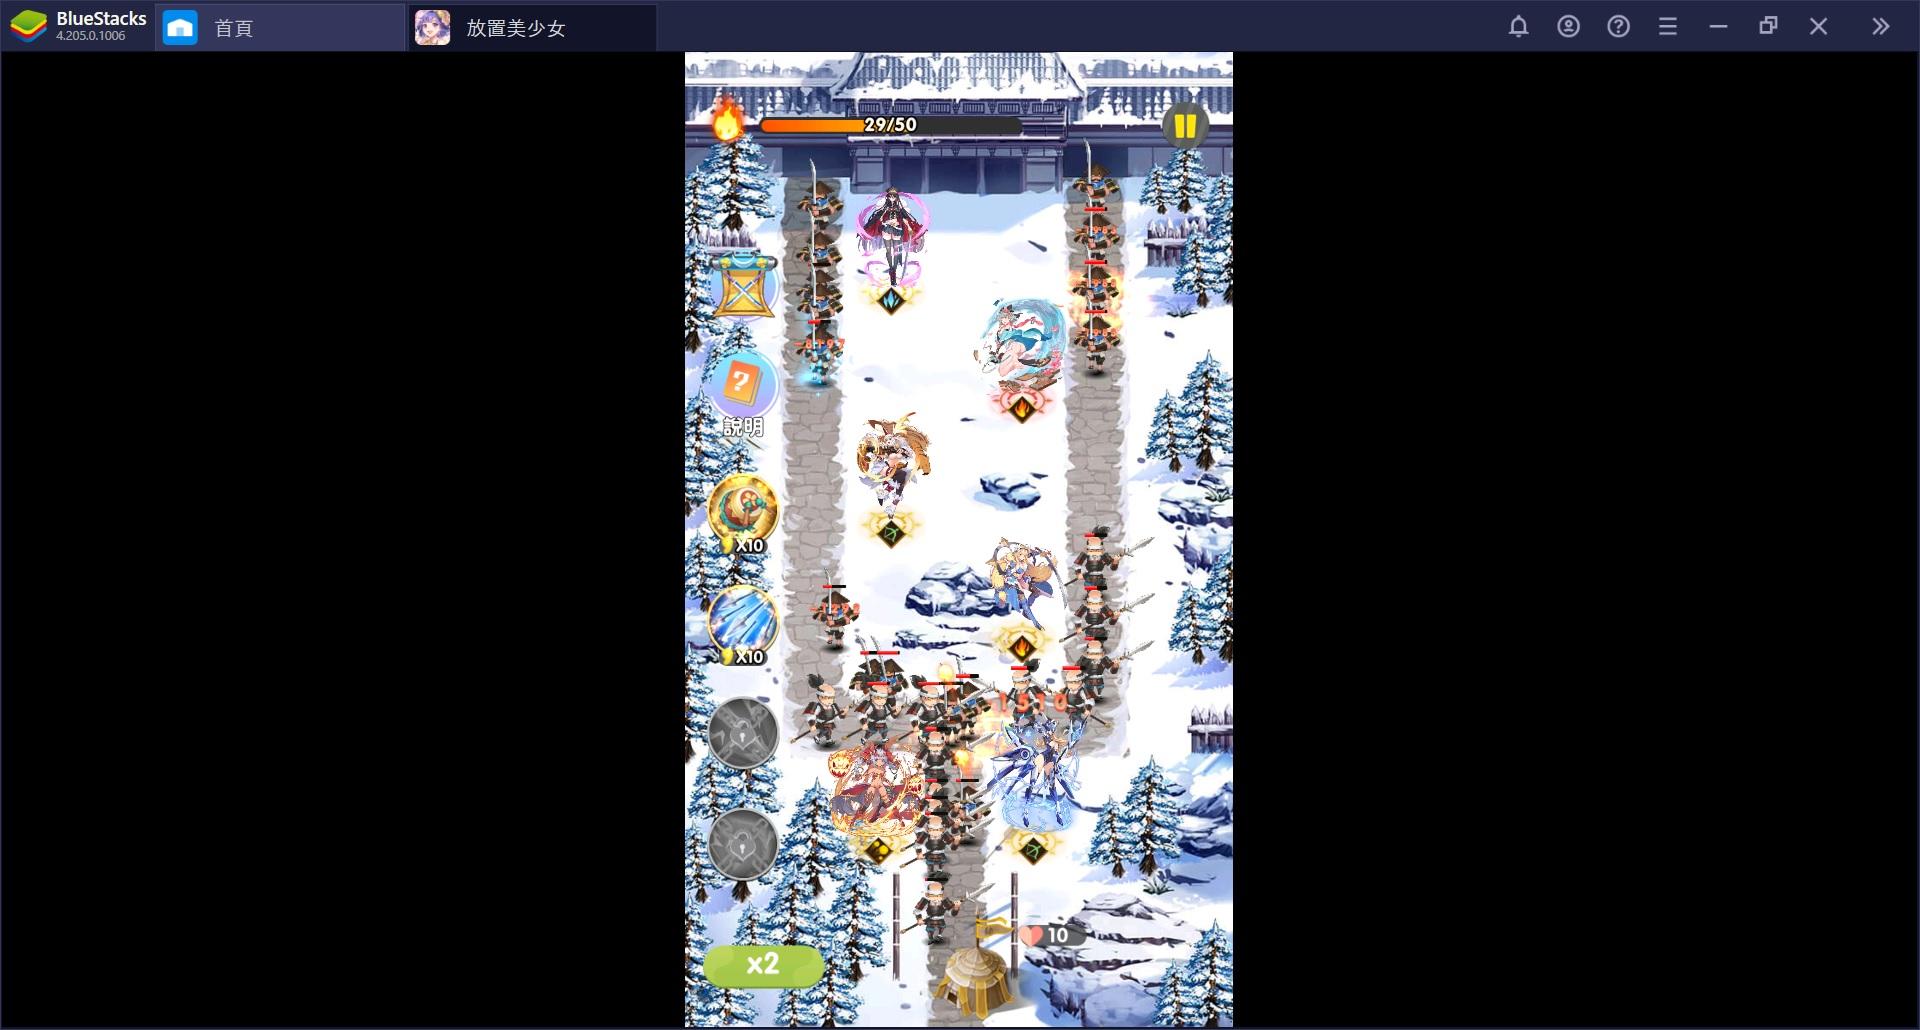 使用BlueStacks在PC上遊玩放置卡牌養成手游《放置美少女》